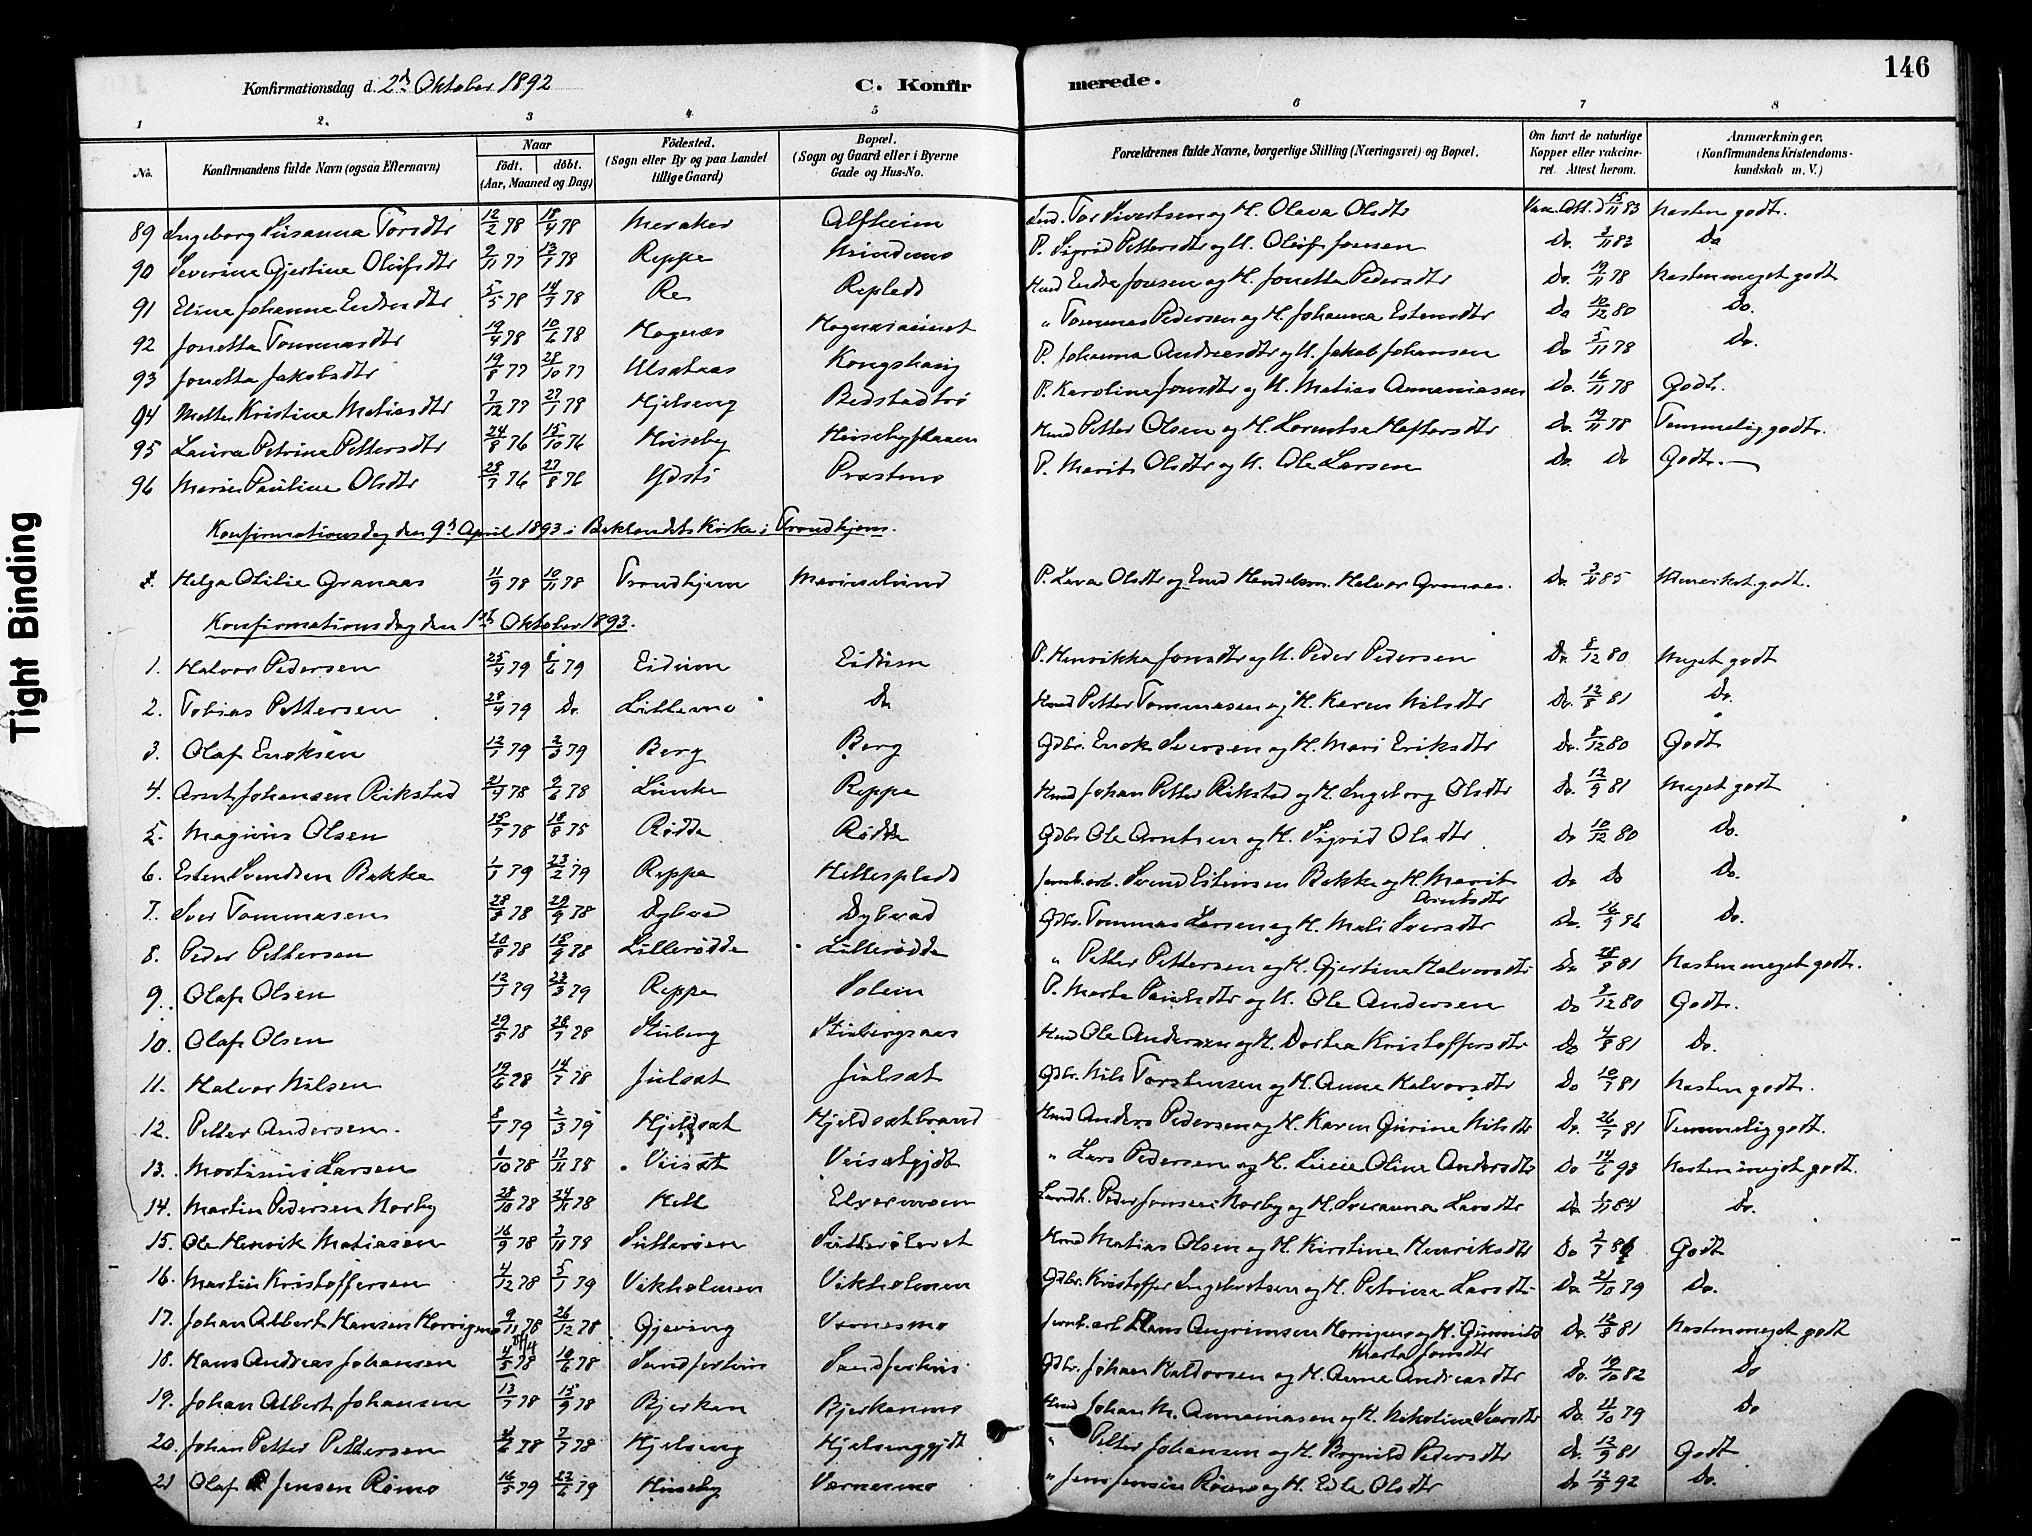 SAT, Ministerialprotokoller, klokkerbøker og fødselsregistre - Nord-Trøndelag, 709/L0077: Ministerialbok nr. 709A17, 1880-1895, s. 146